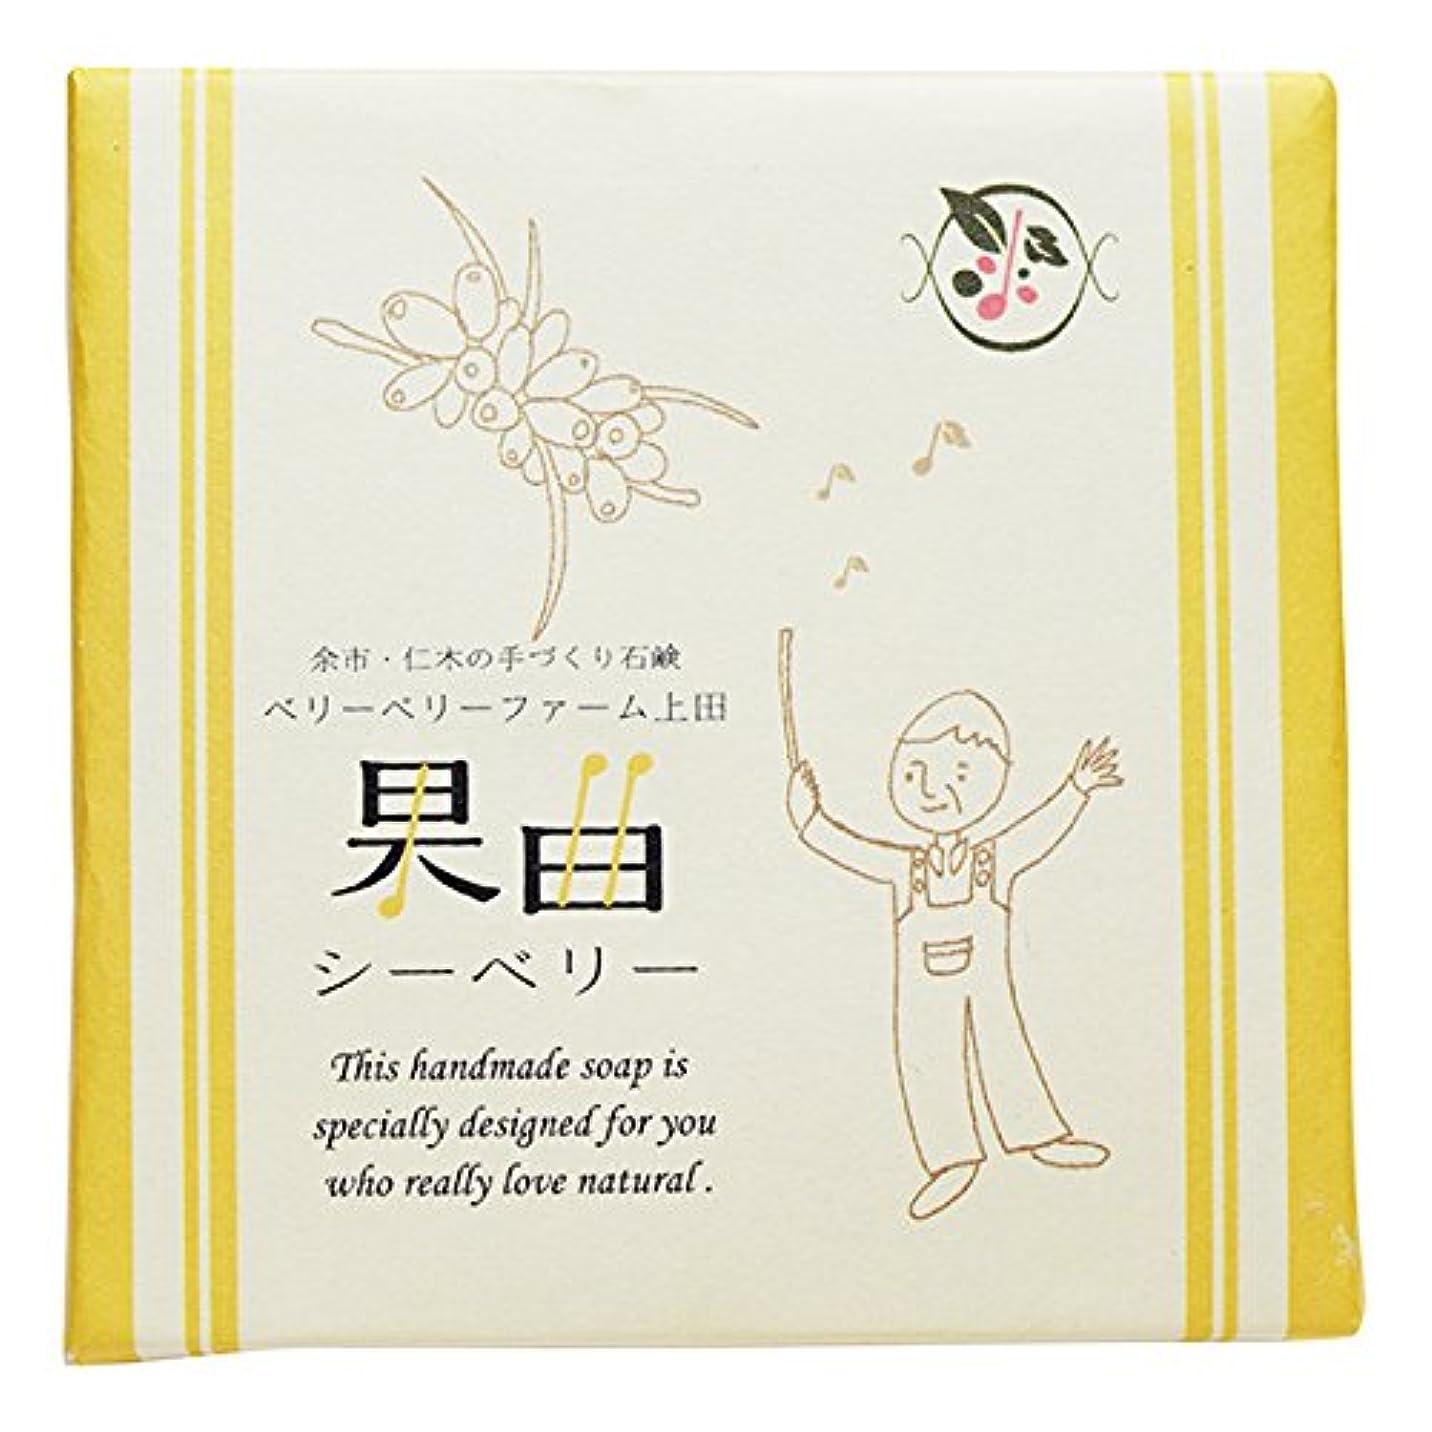 情熱的宴会ホール余市町仁木のベリーベリーファーム上田との共同開発 果曲(シーベリー)純練り石鹸